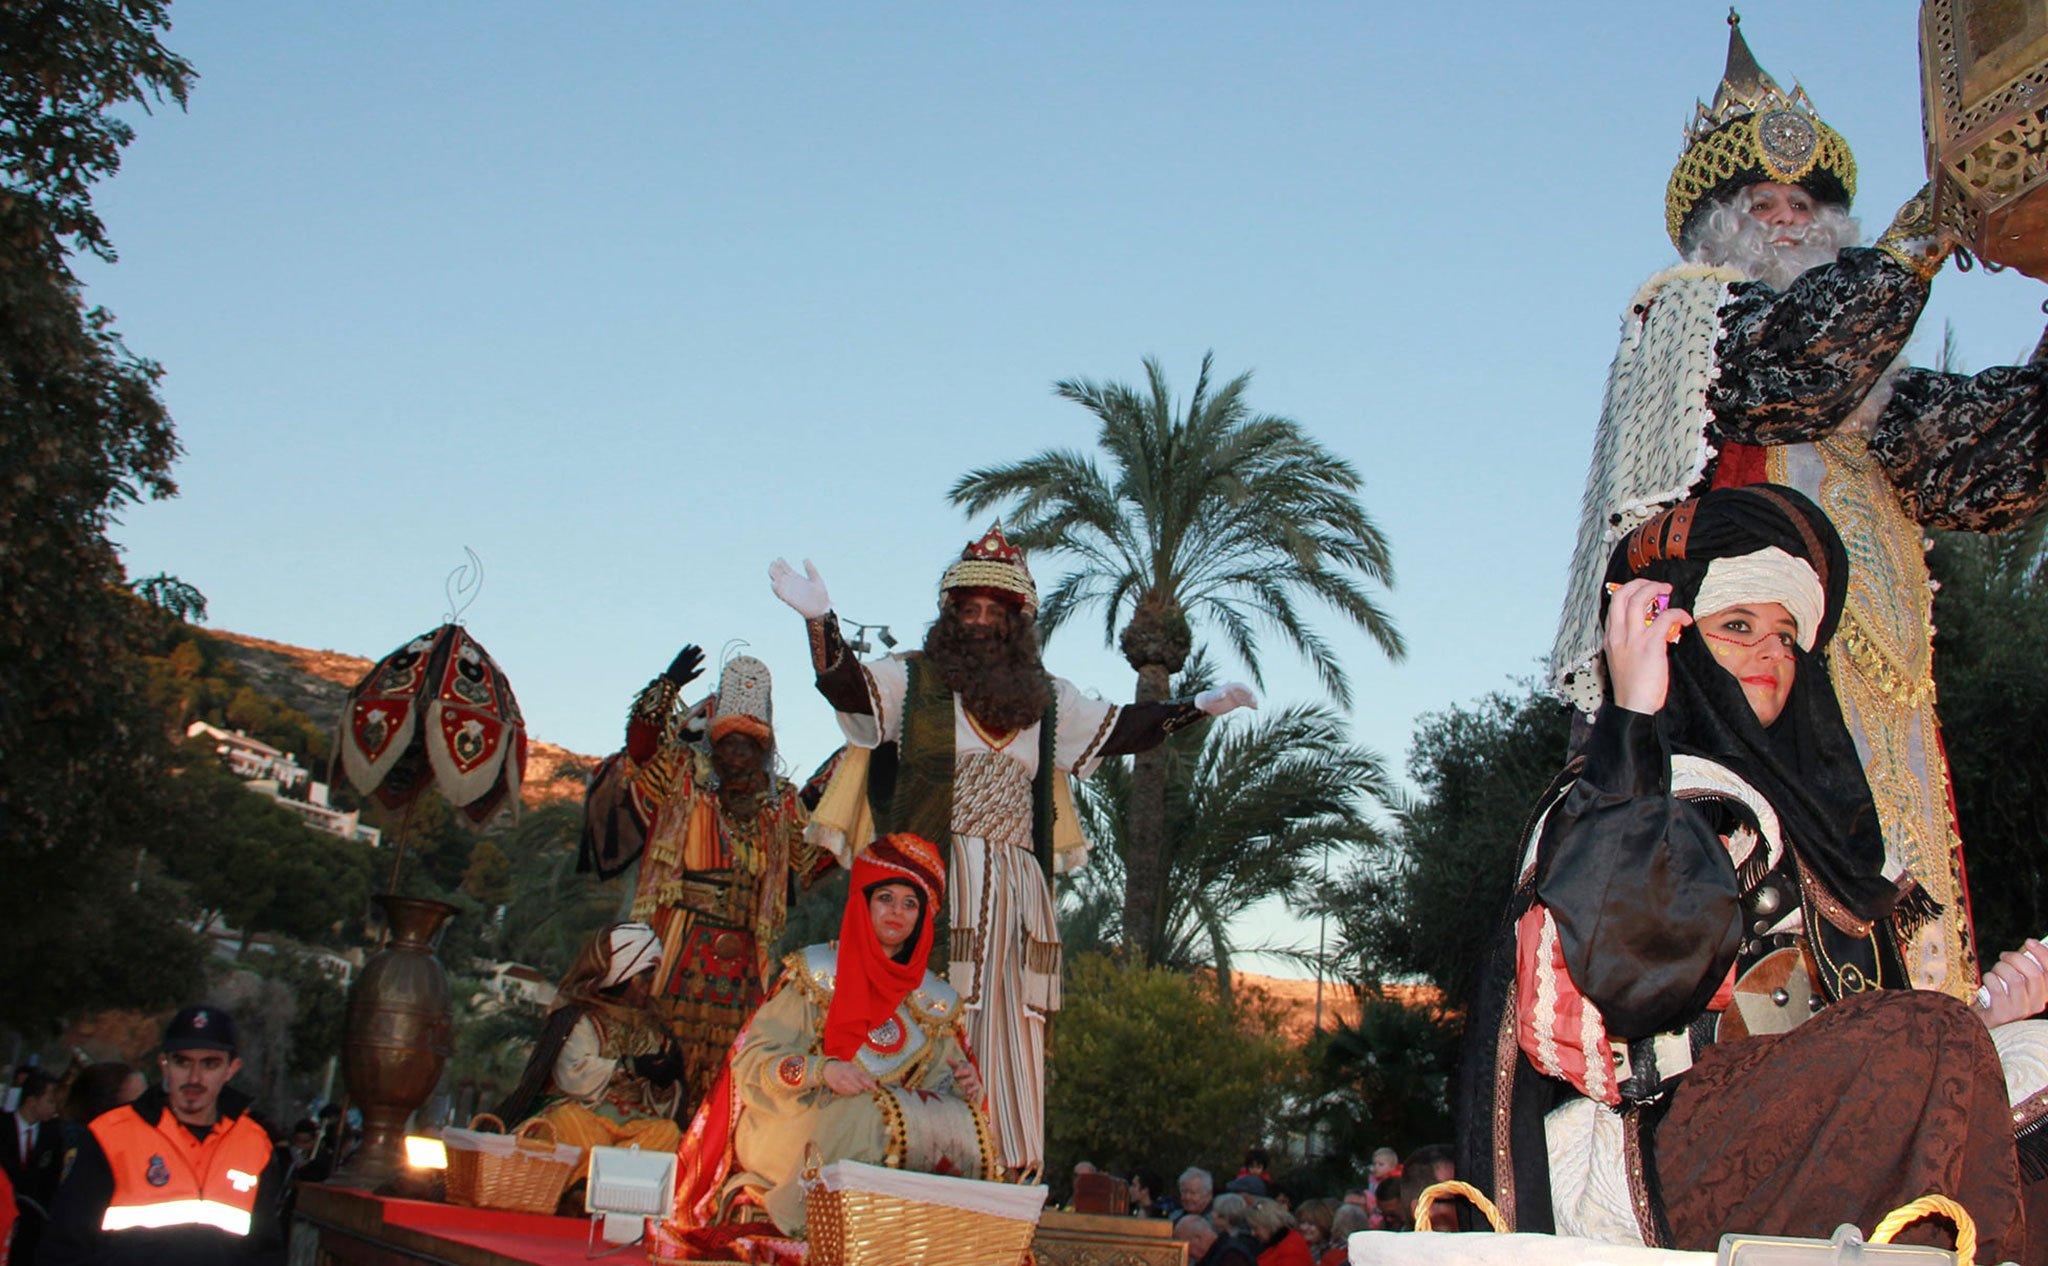 Carroza de la Cabalgata de Reyes de Xàbia (2020)